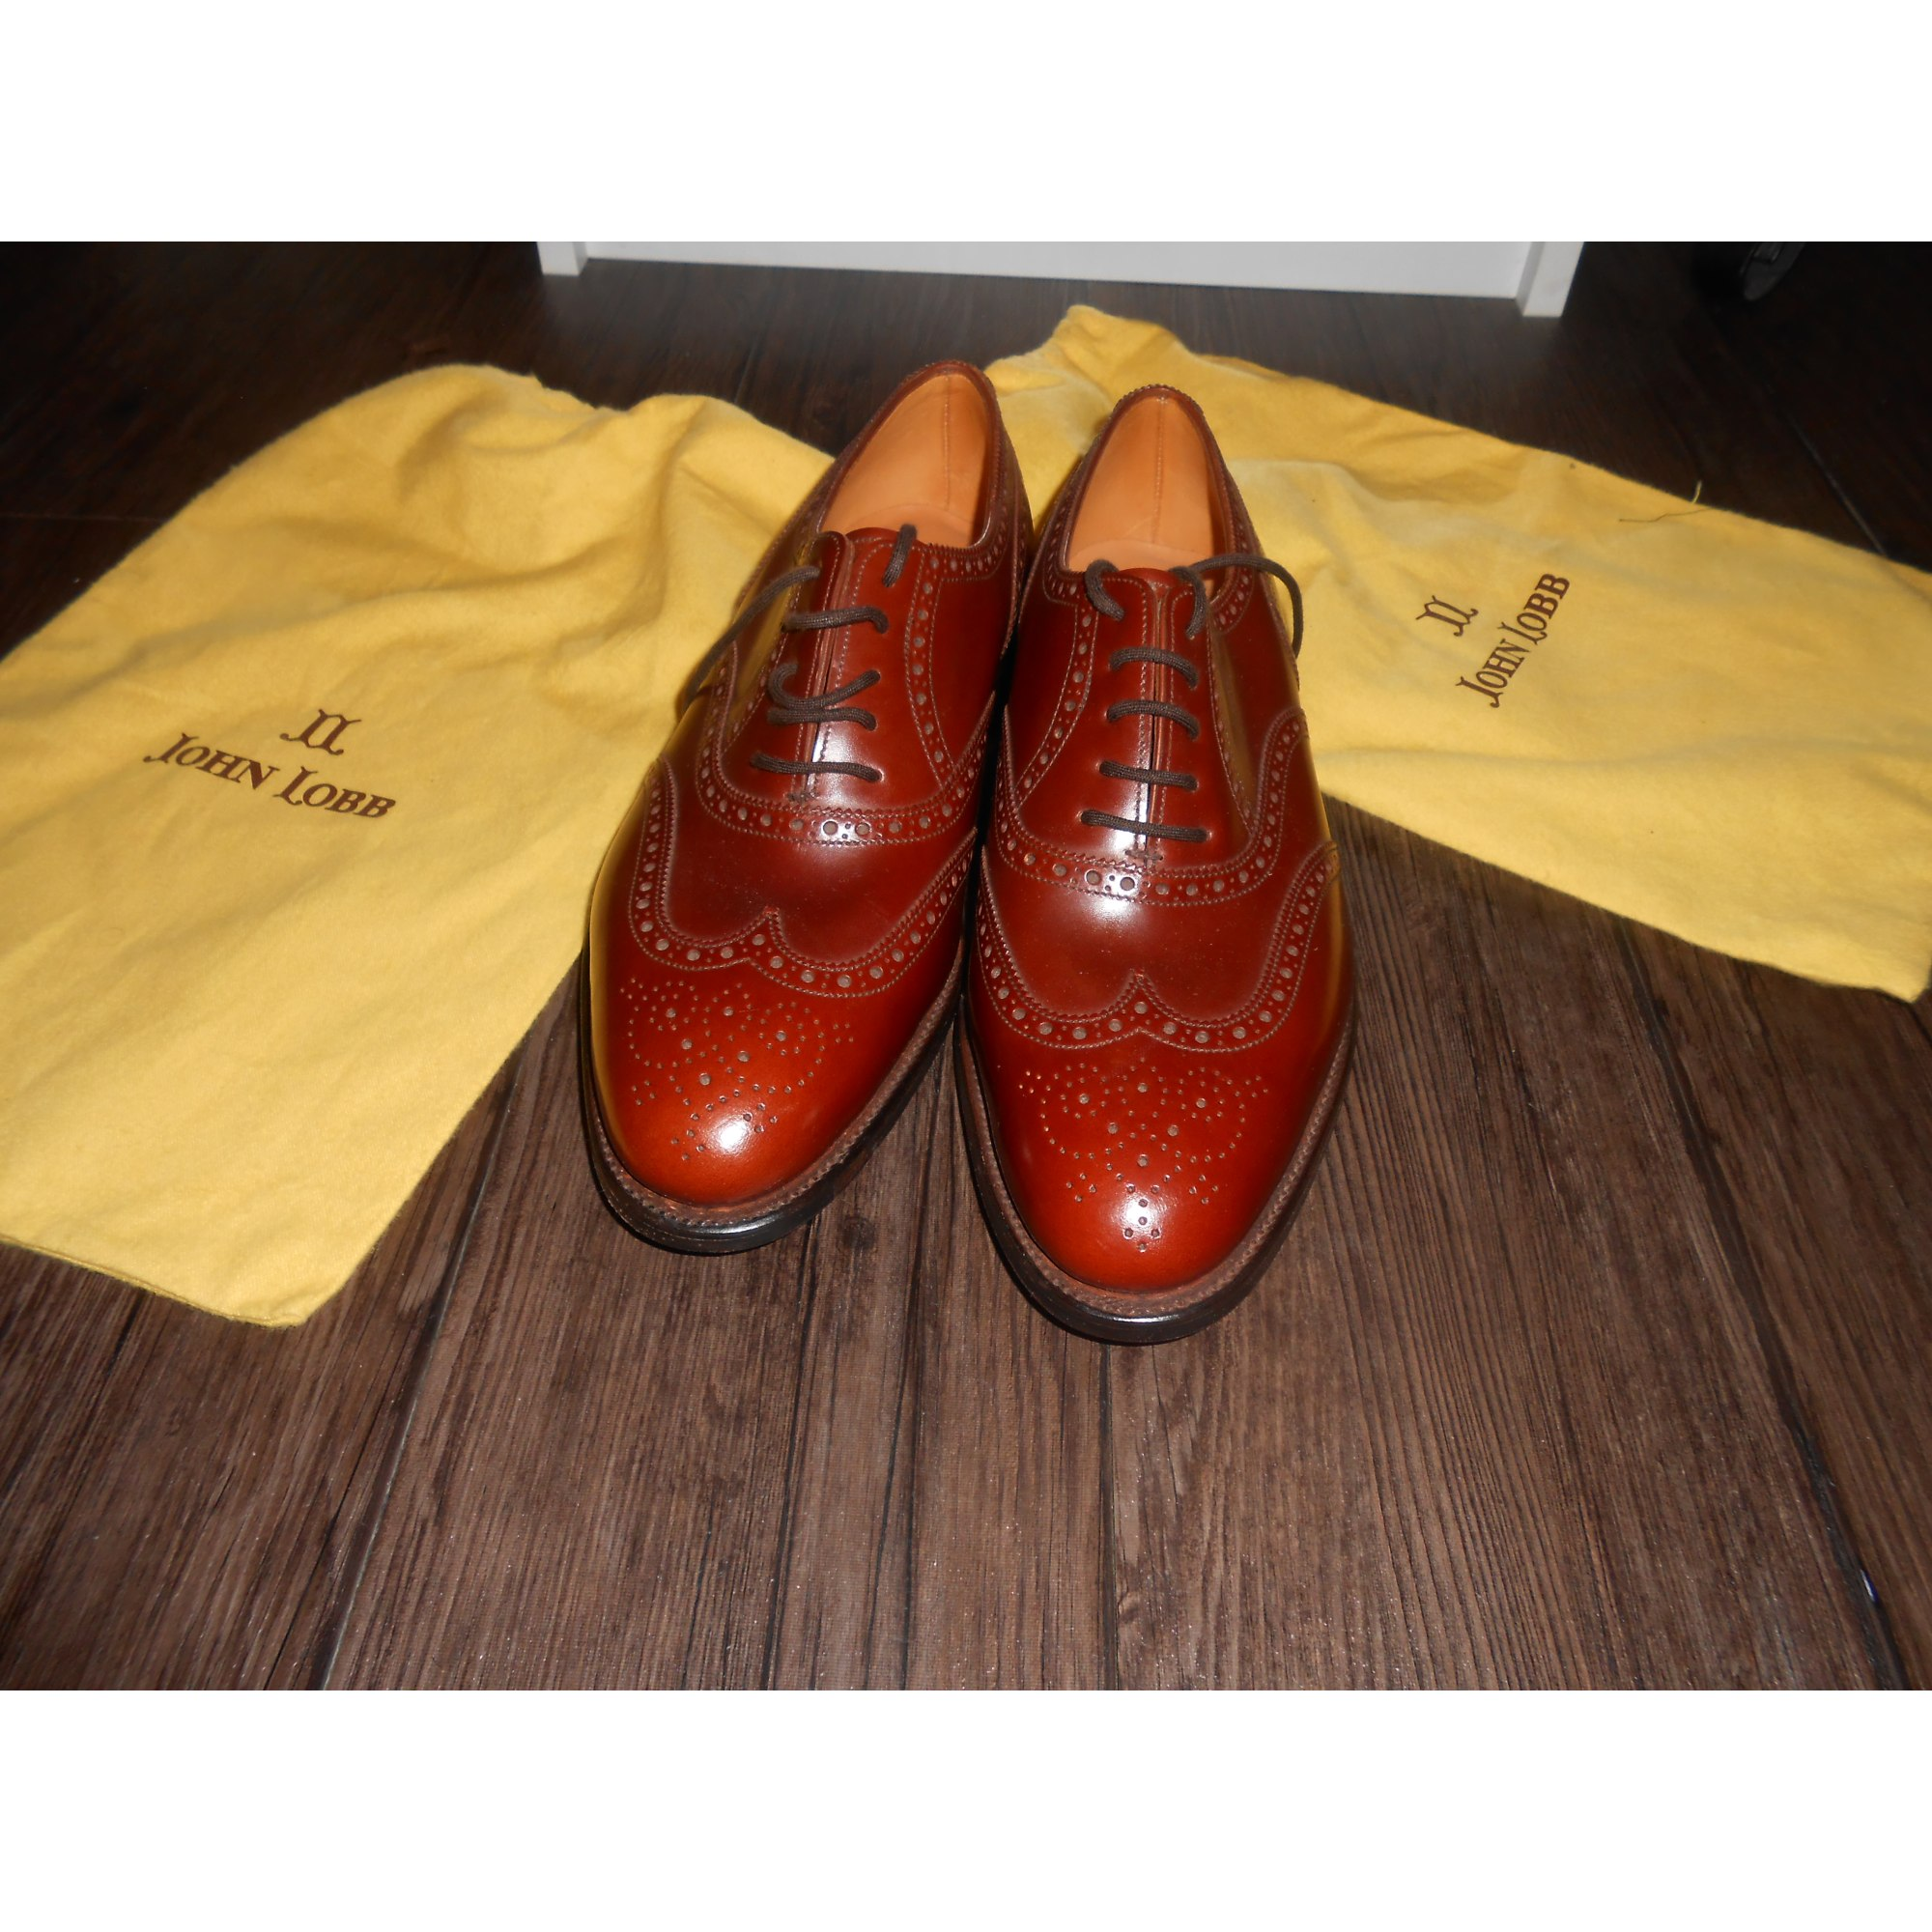 Chaussures à lacets JOHN LOBB 41 marron vendu par Louise k.14287 ... 8c33229df8a